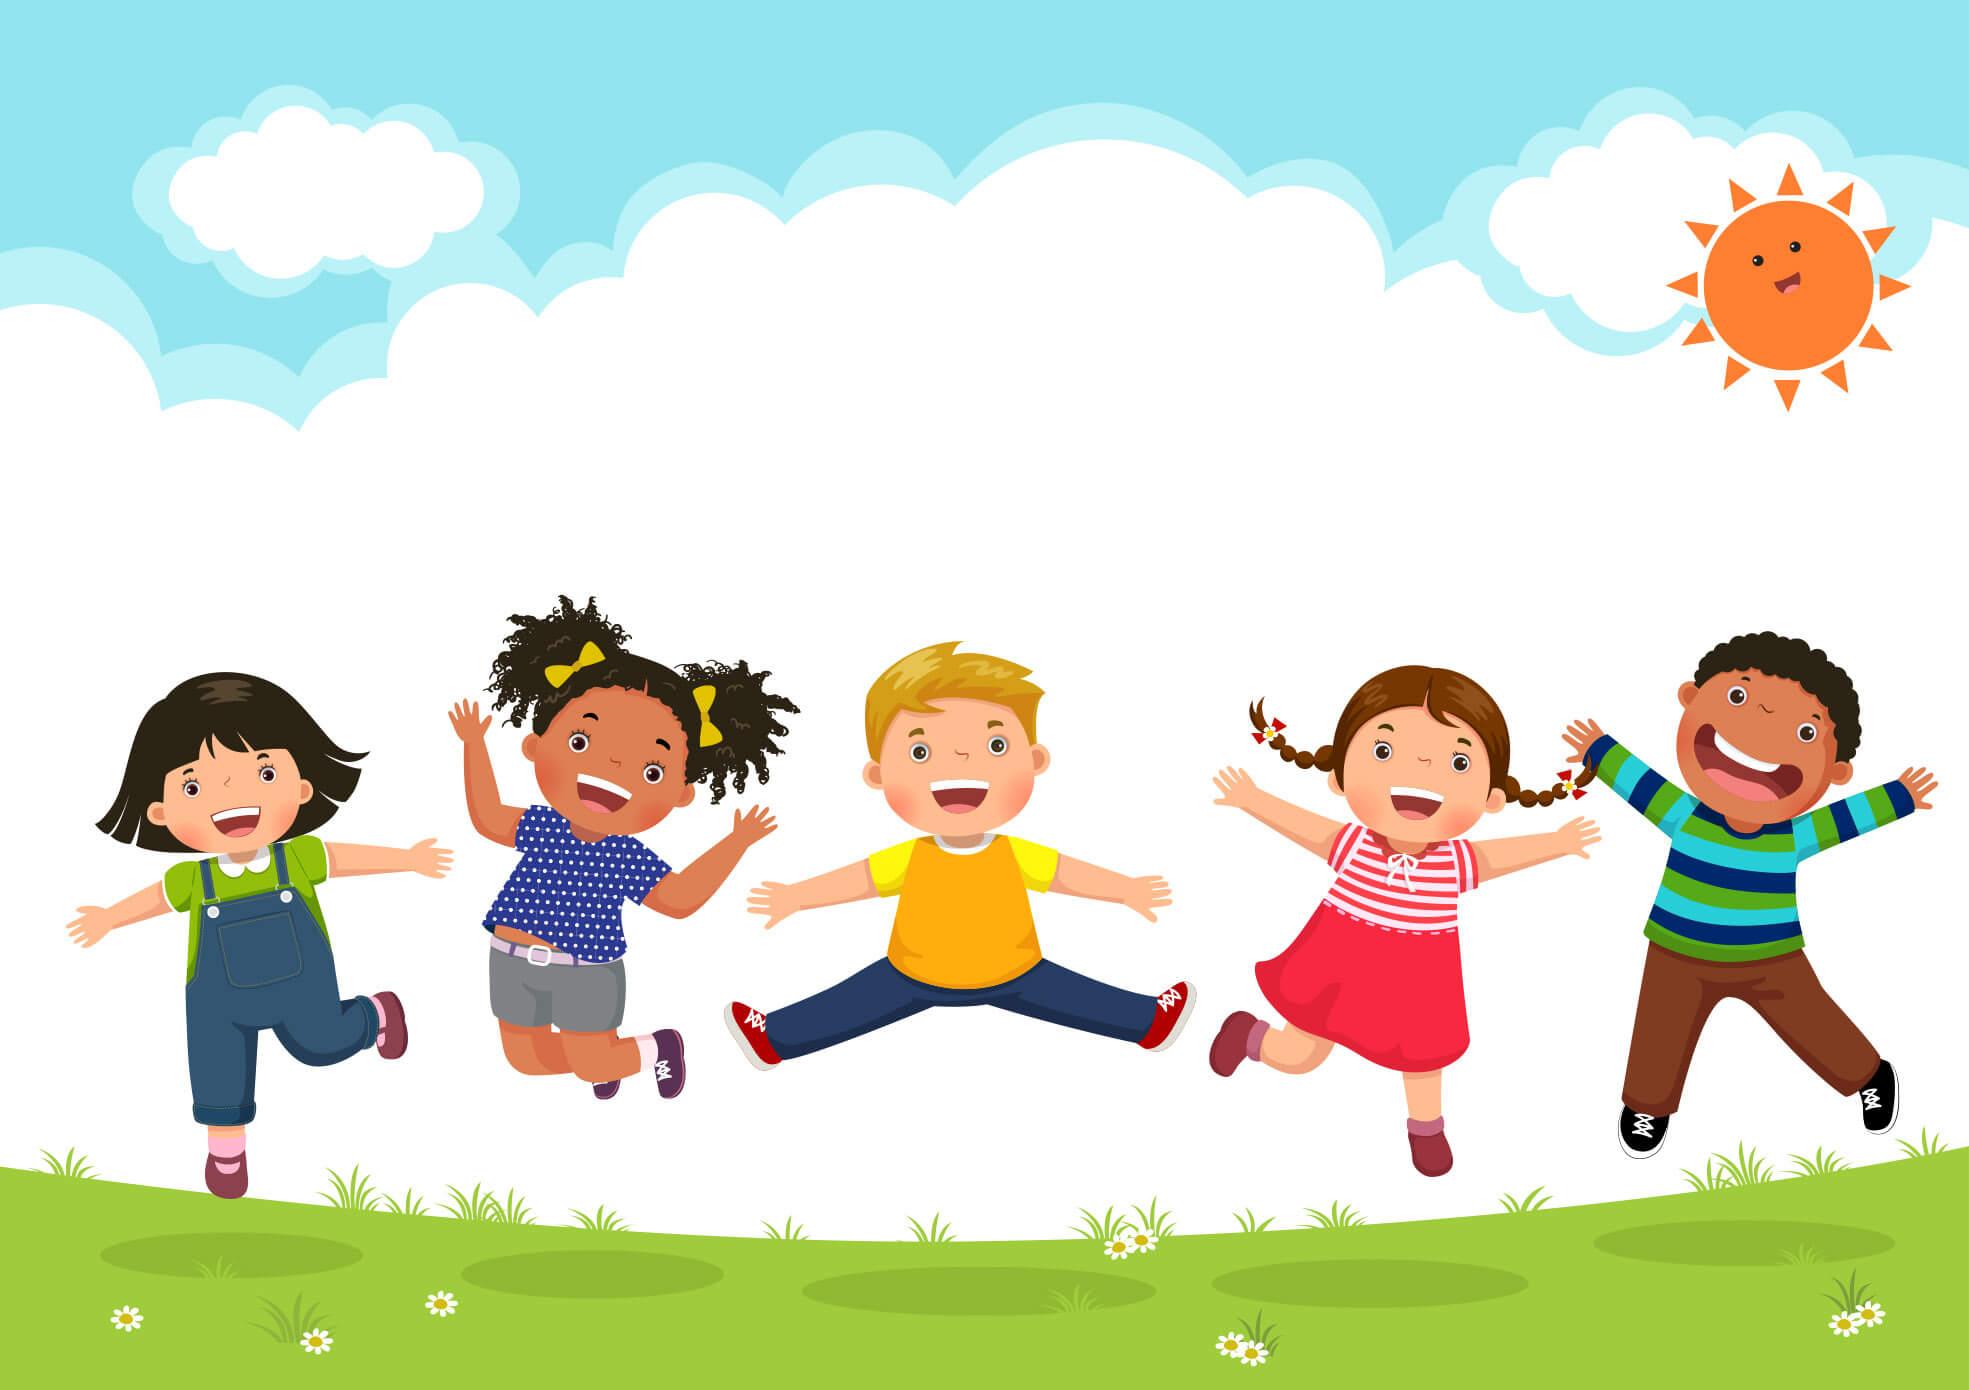 Children play scheme image.jpg